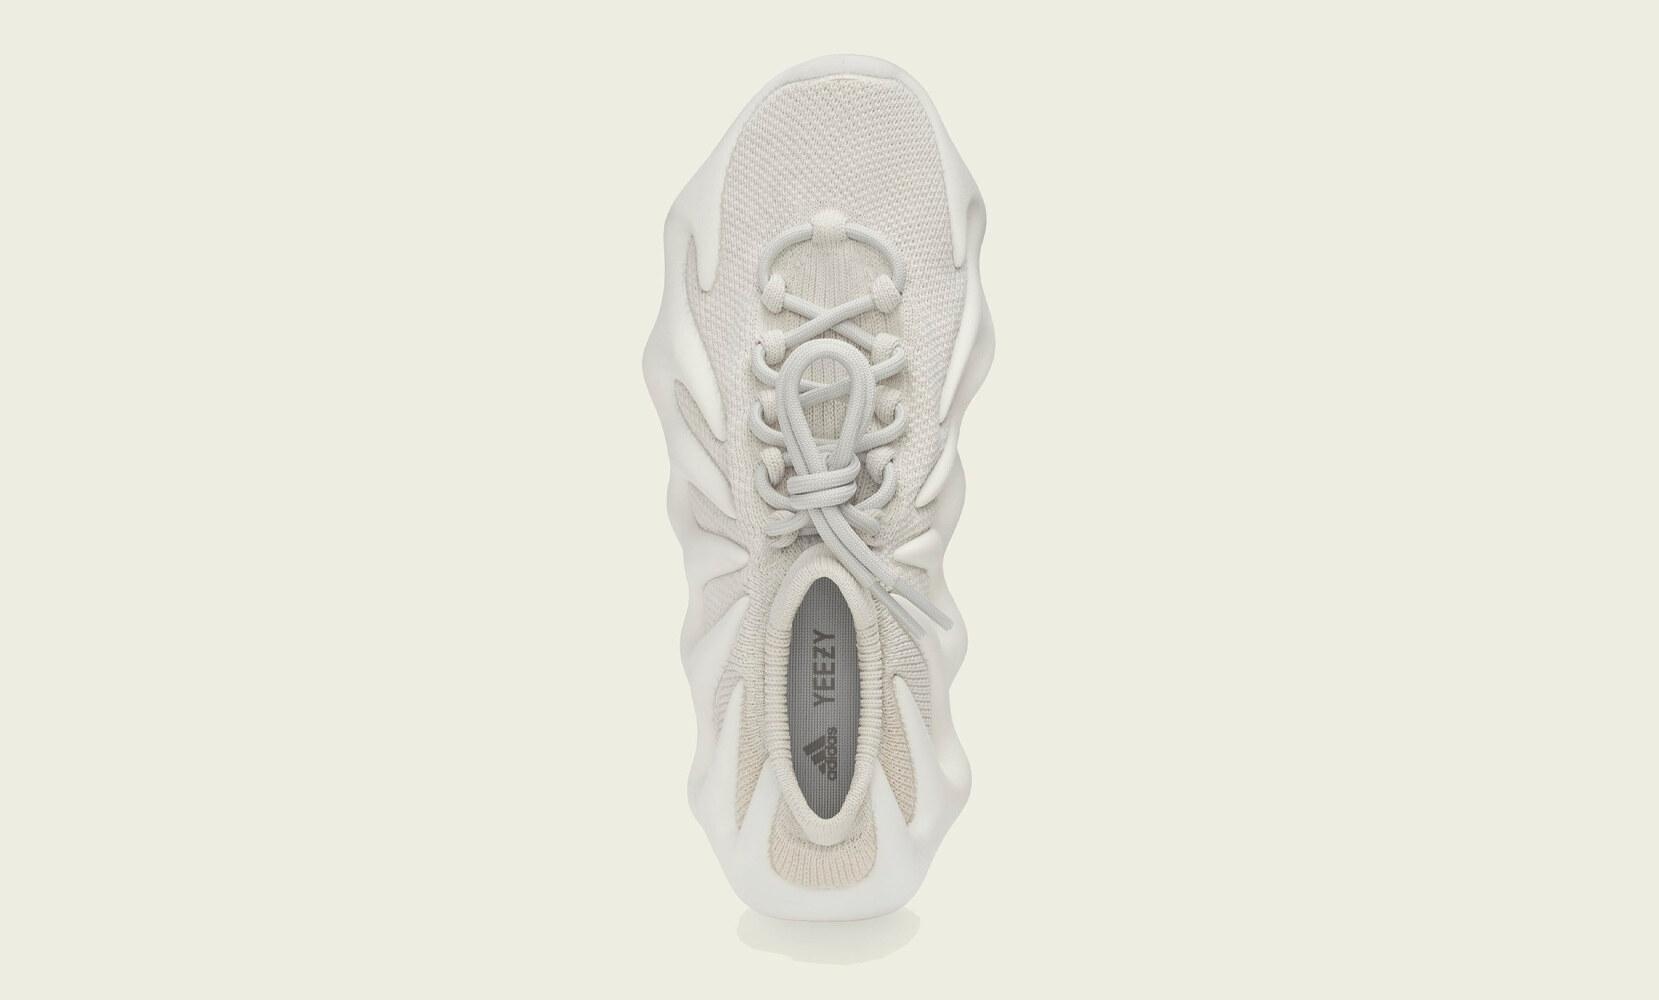 YEEZY 450 u201cCloud Whiteu201d